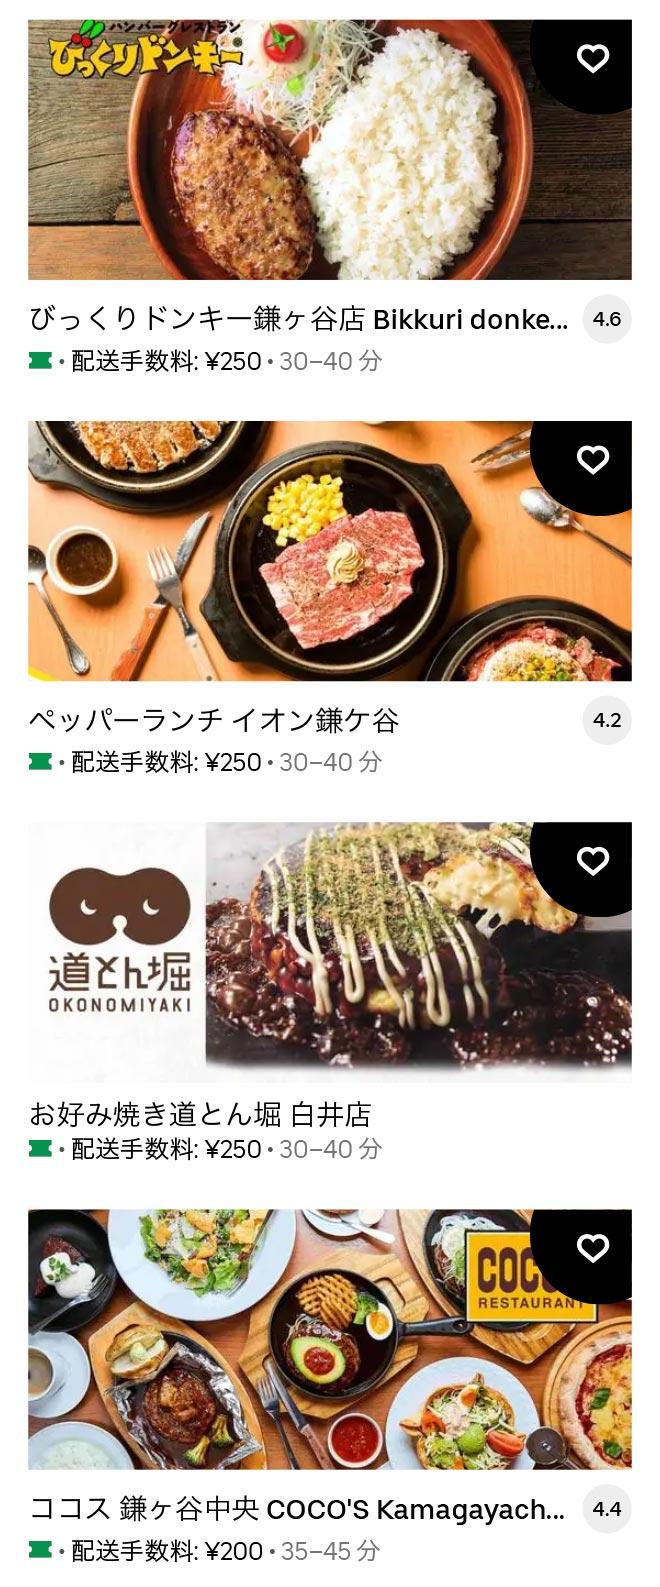 U shirai 2104 01